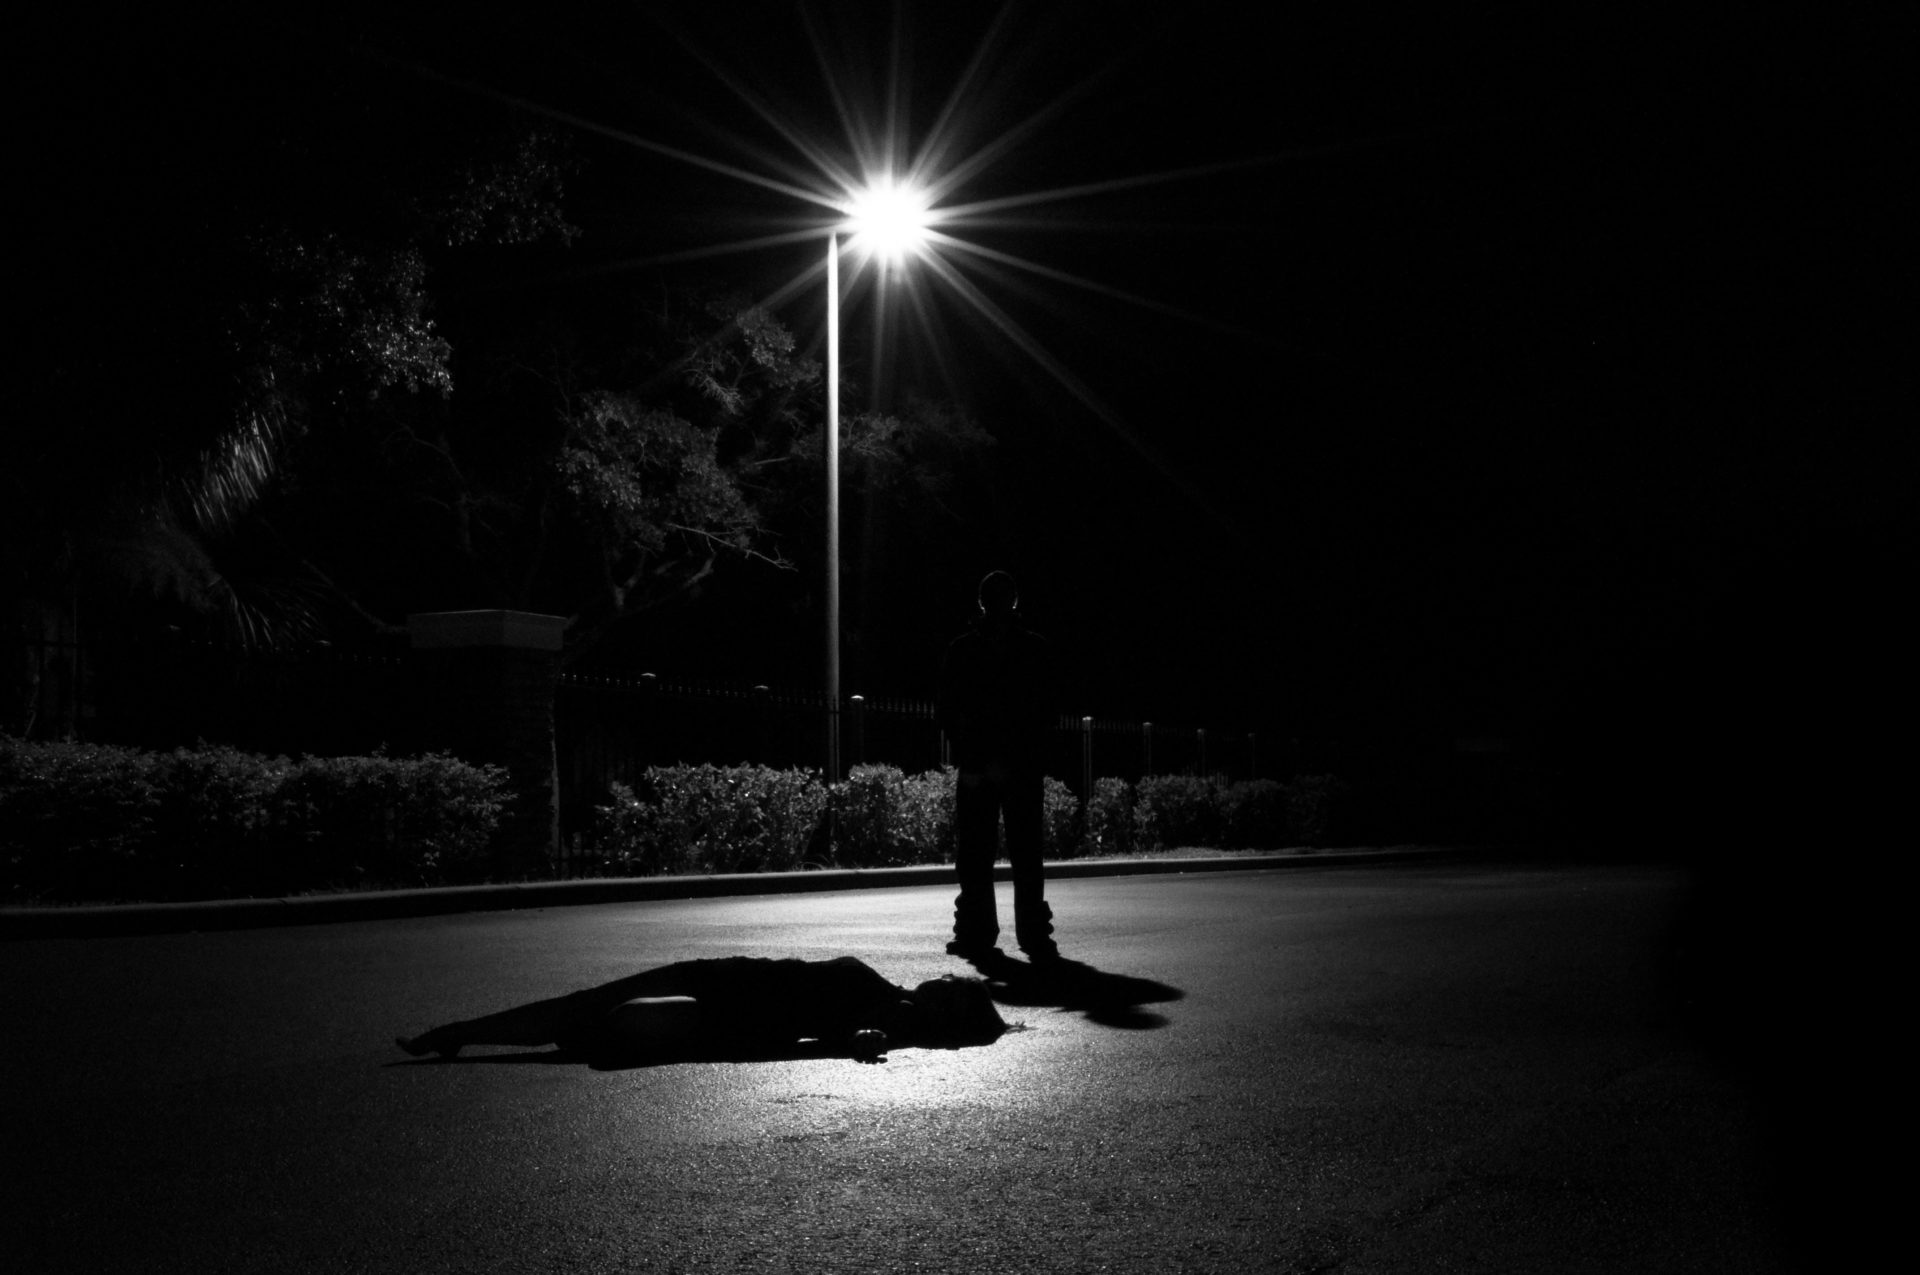 夜の外套の前に佇む人